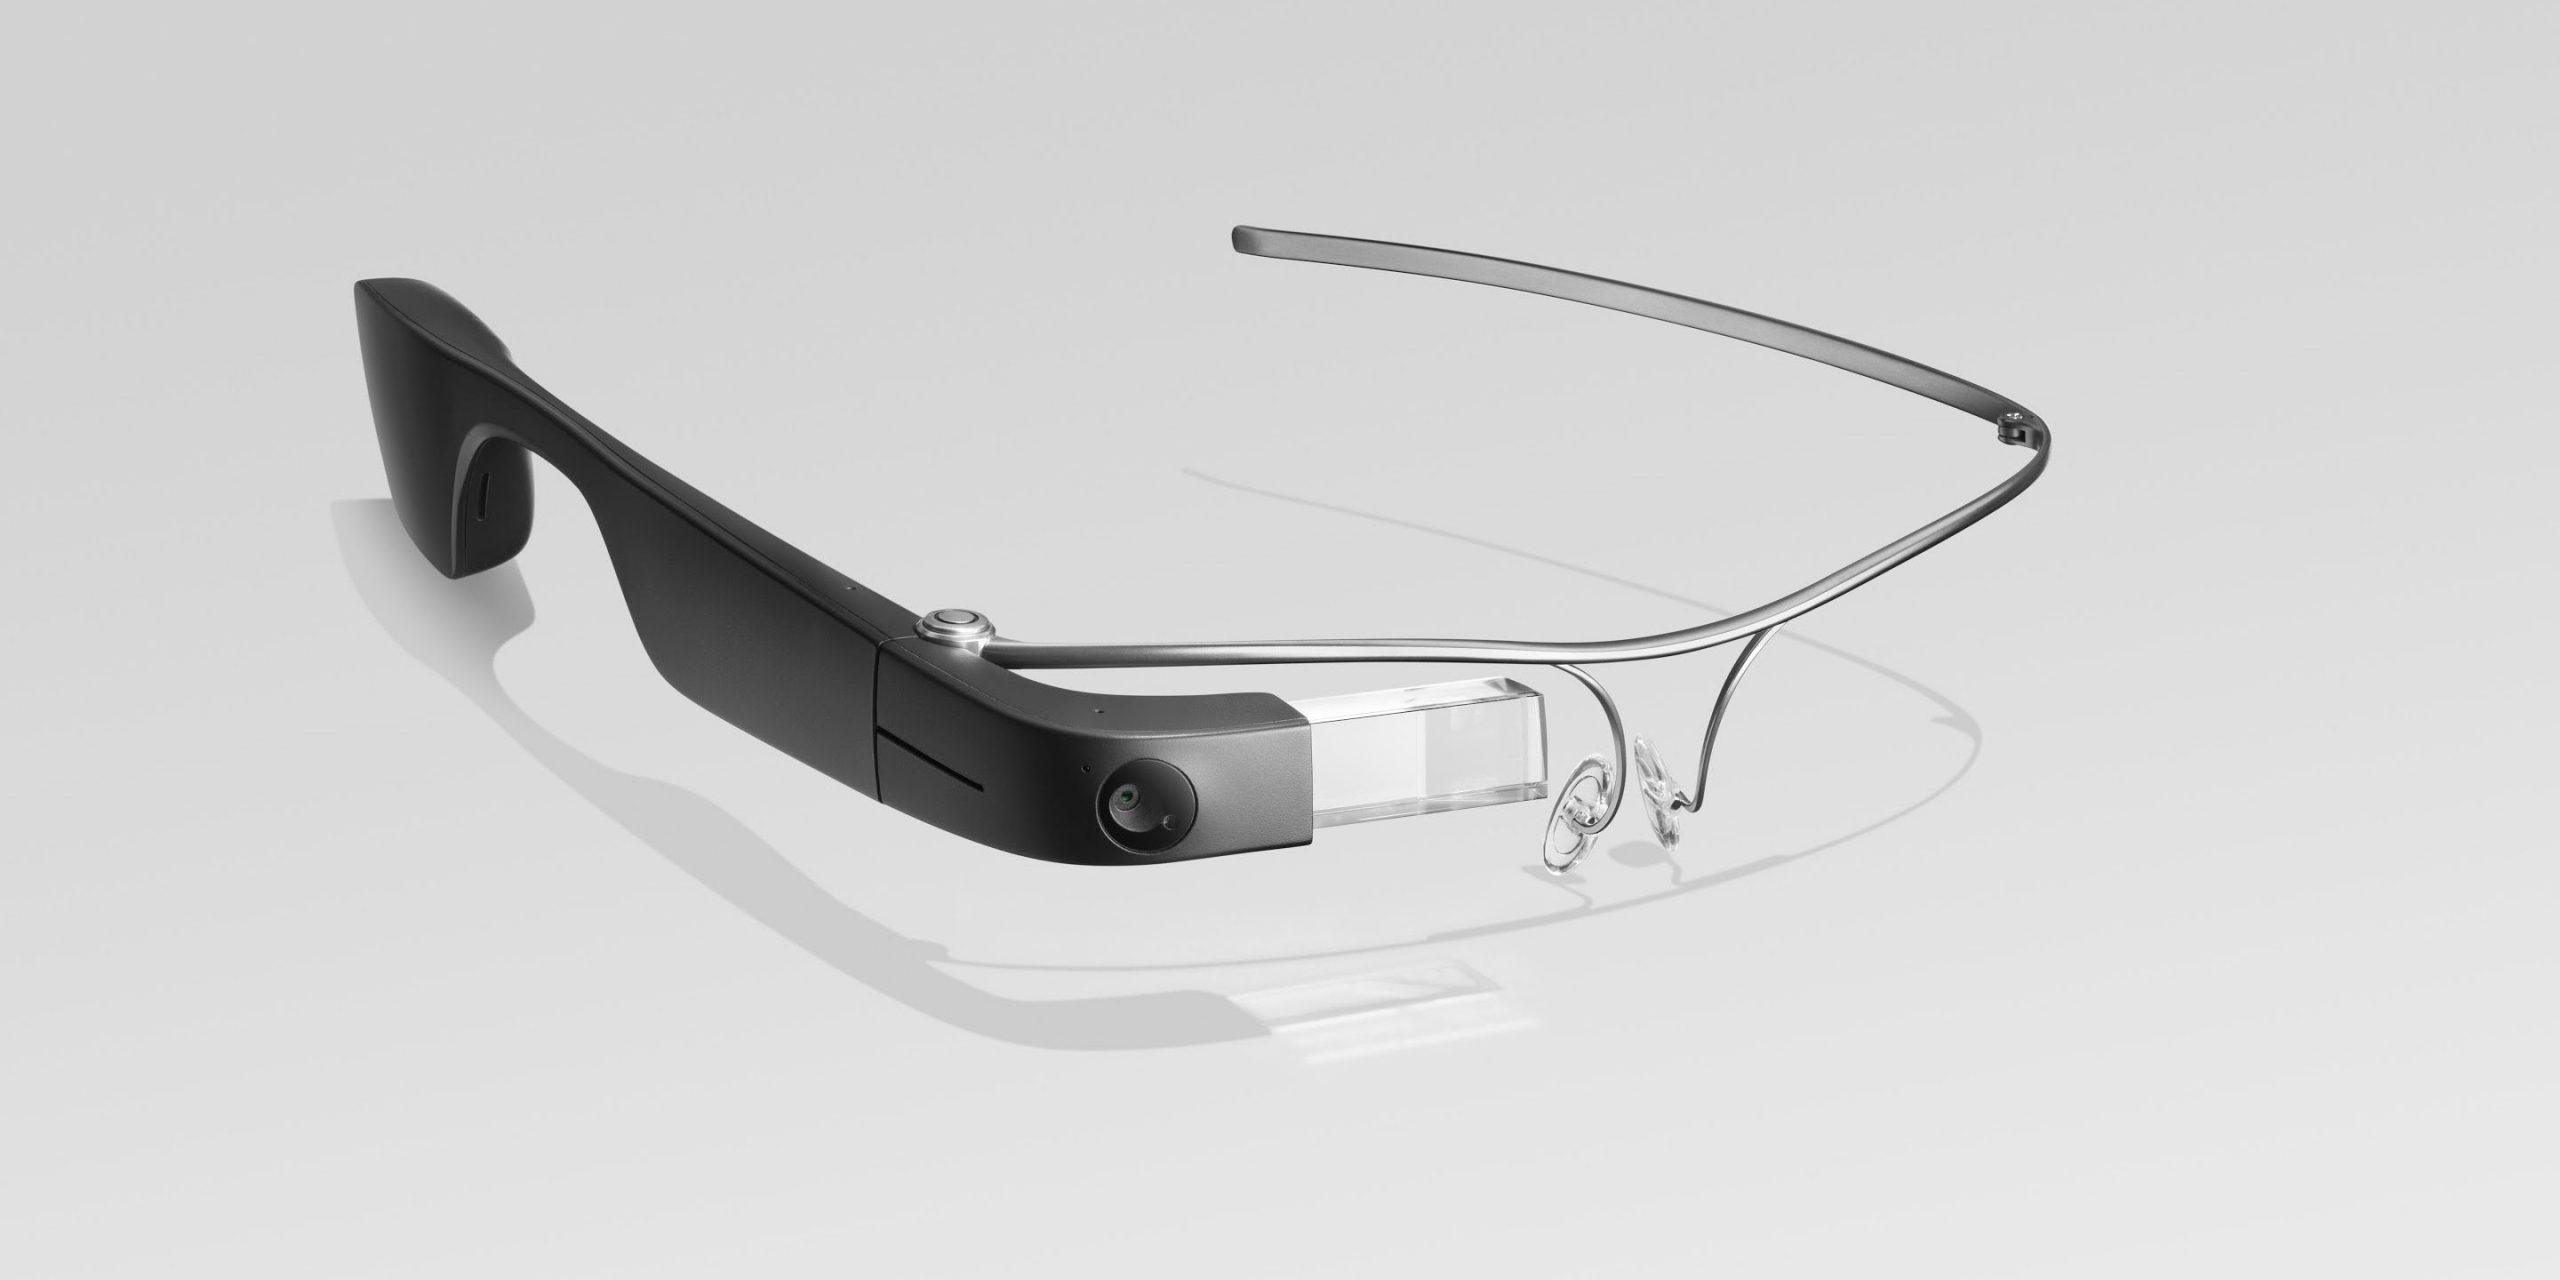 عینکهای هوشمند گوگل به کمک هوش مصنوعی مشکل بینایی افراد نابینا را رفع میکنند؟